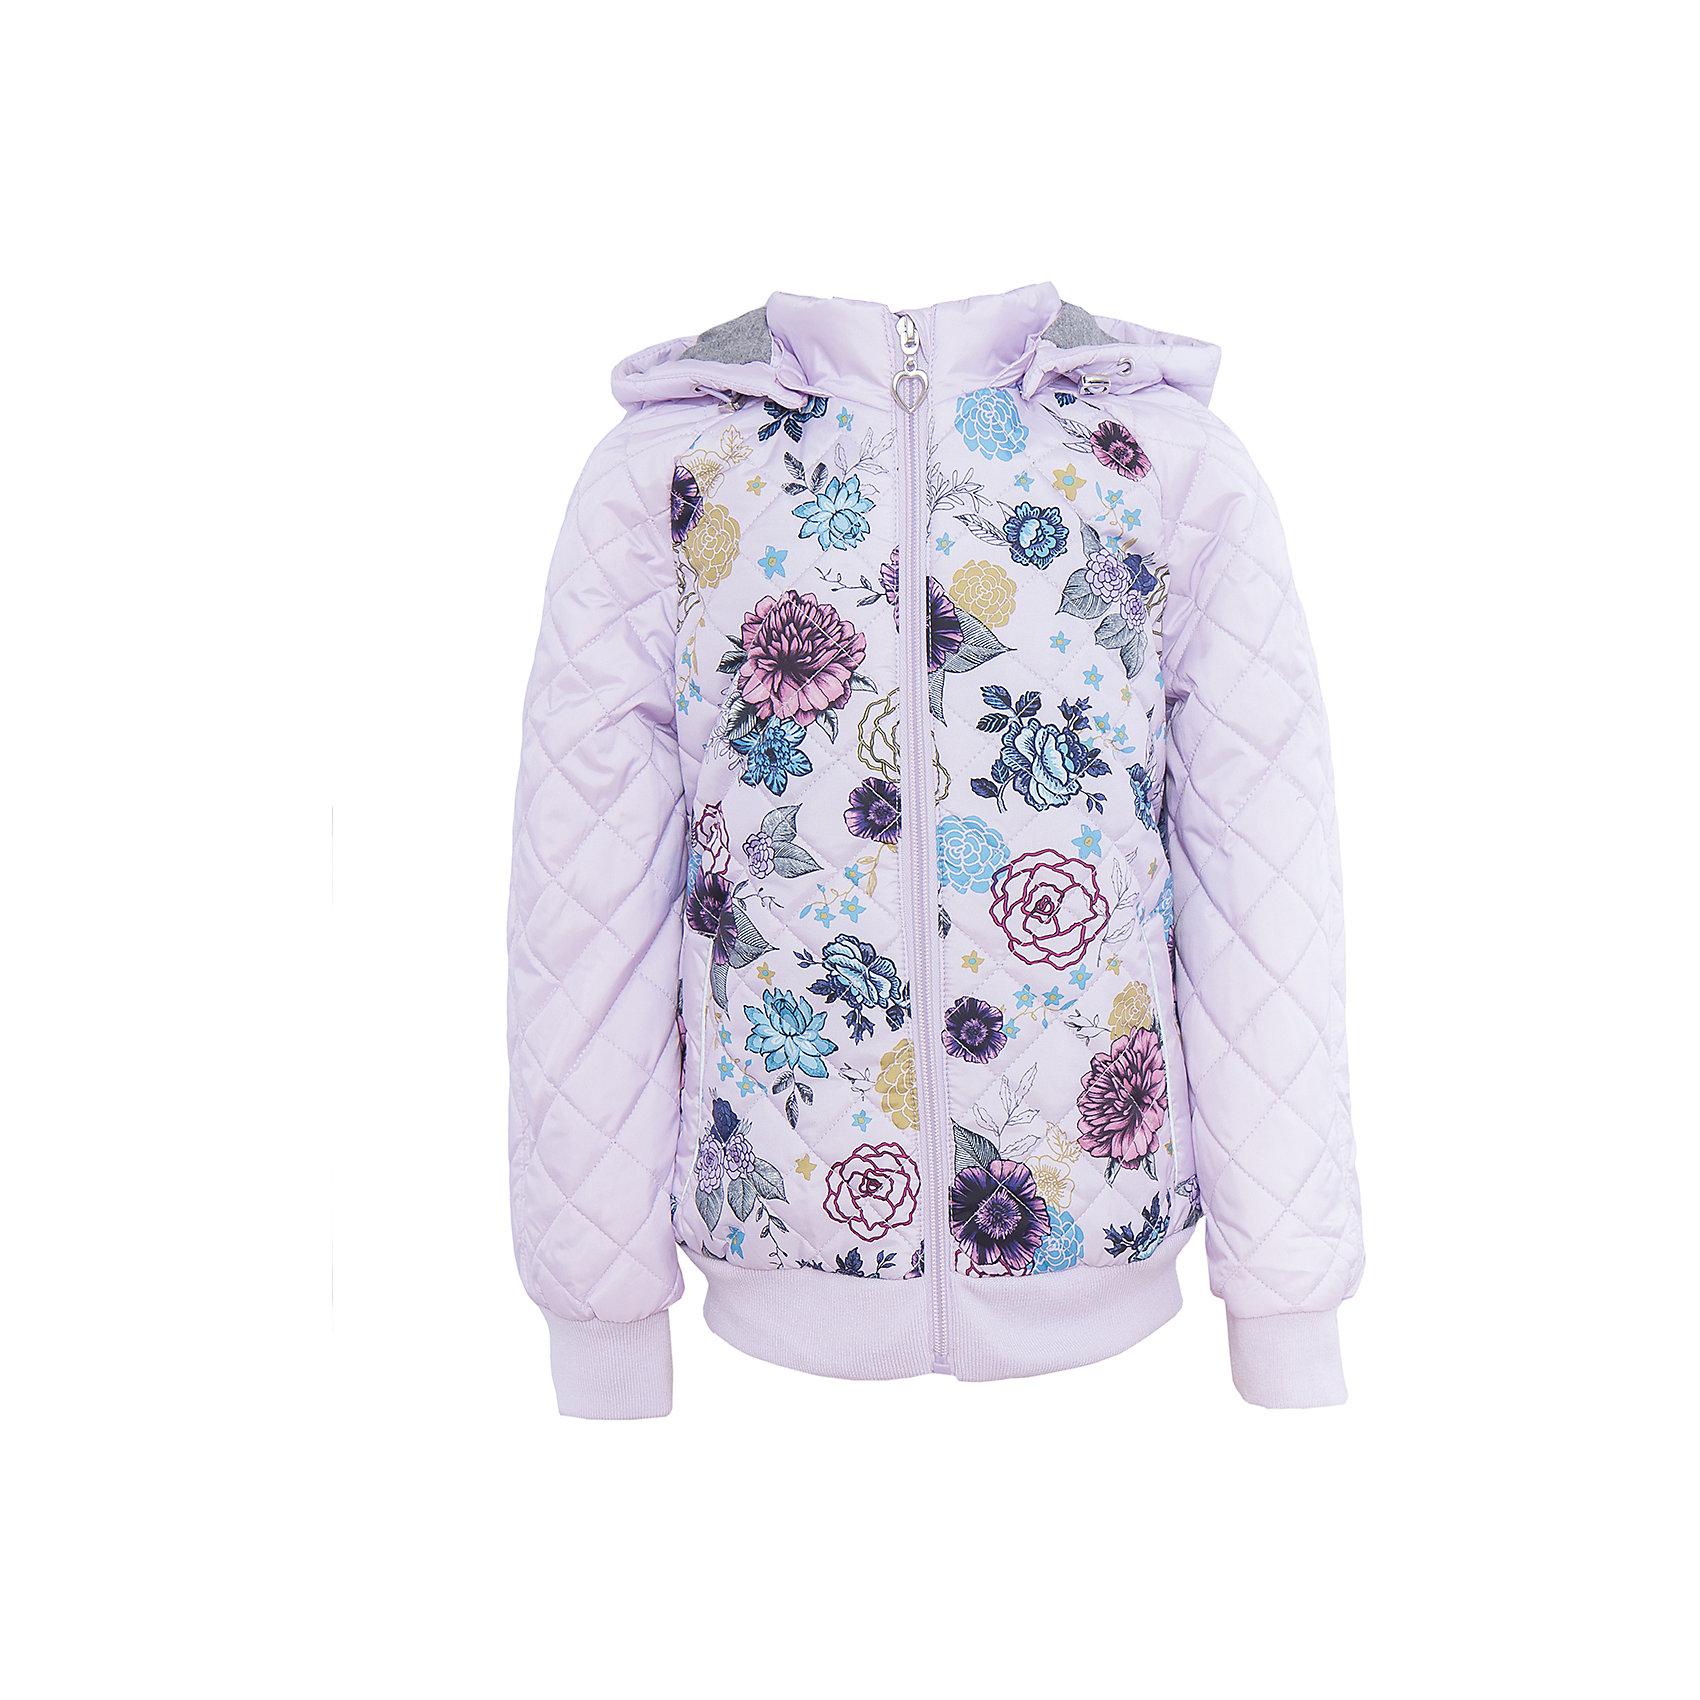 Куртка для девочки SELAВерхняя одежда<br>Характеристики товара:<br><br>• цвет: бледно-розовый<br>• состав: 100% полиэстер<br>• температурный режим: от +5°до +15°С<br>• подкладка: текстиль, хлопок<br>• утемлитель: полиэстер<br>• сезон: весна-лето<br>• покрой: полуприлегающий<br>• молния<br>• принт<br>• манжеты<br>• капюшон отстегивается<br>• карманы<br>• коллекция весна-лето 2017<br>• страна бренда: Российская Федерация<br>• страна изготовитель: Китай<br><br>Вещи из новой коллекции SELA продолжают радовать удобством! Легкая куртка для девочки поможет разнообразить гардероб ребенка и обеспечить комфорт. Она отлично сочетается с юбками и брюками. Очень стильно смотрится!<br><br>Одежда, обувь и аксессуары от российского бренда SELA не зря пользуются большой популярностью у детей и взрослых! Модели этой марки - стильные и удобные, цена при этом неизменно остается доступной. Для их производства используются только безопасные, качественные материалы и фурнитура. Новая коллекция поддерживает хорошие традиции бренда! <br><br>Куртку для девочки от популярного бренда SELA (СЕЛА) можно купить в нашем интернет-магазине.<br><br>Ширина мм: 356<br>Глубина мм: 10<br>Высота мм: 245<br>Вес г: 519<br>Цвет: фиолетовый<br>Возраст от месяцев: 84<br>Возраст до месяцев: 96<br>Пол: Женский<br>Возраст: Детский<br>Размер: 128,140,152,116<br>SKU: 5305103